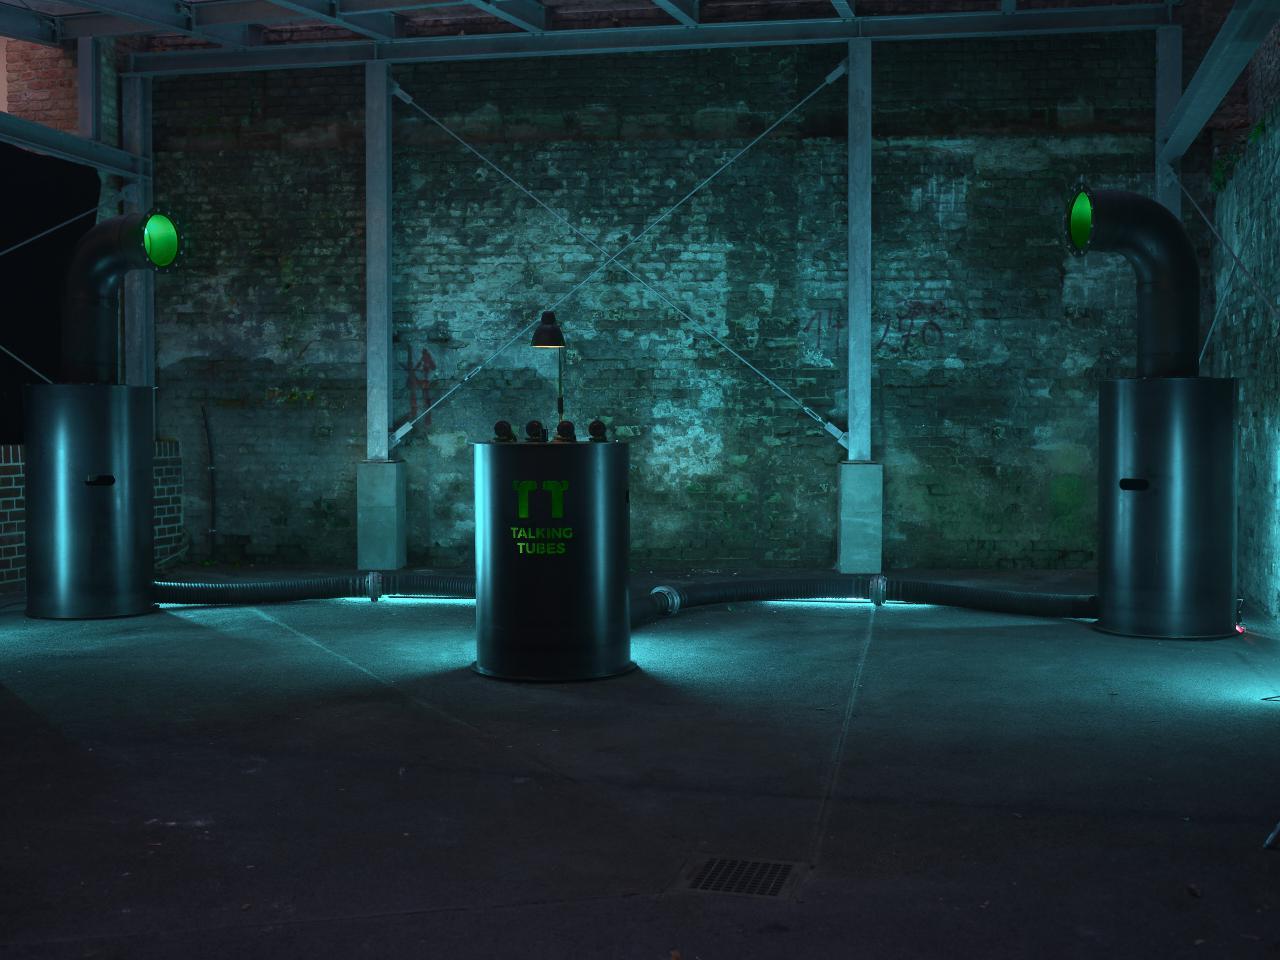 Ein blau erleuchteter Raum mit der Talking-Tubes-Installation: ein Steuerungspult zwischen zwei großen Röhren